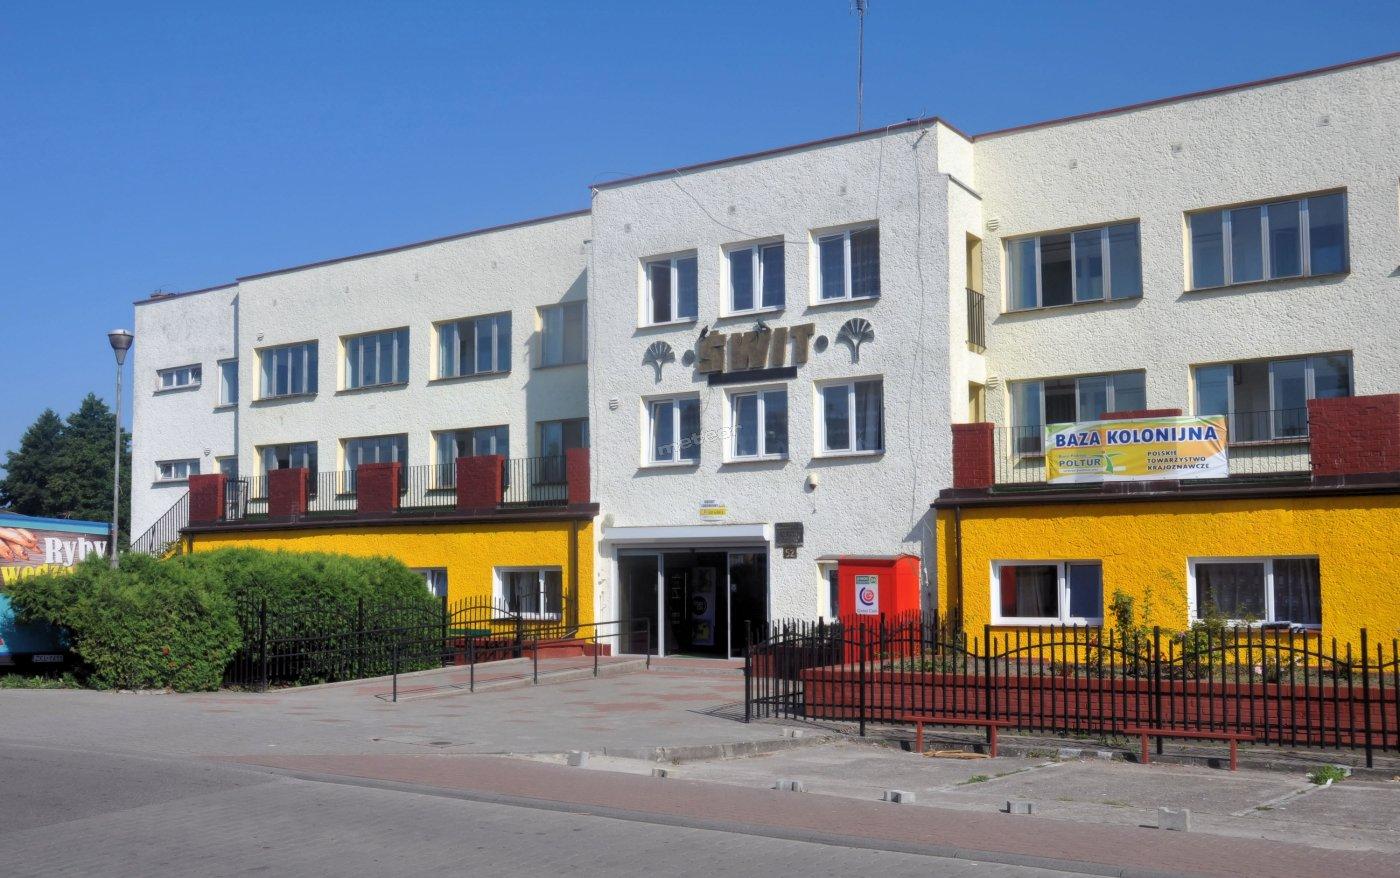 ŚWIT - budynek - widok od frontu